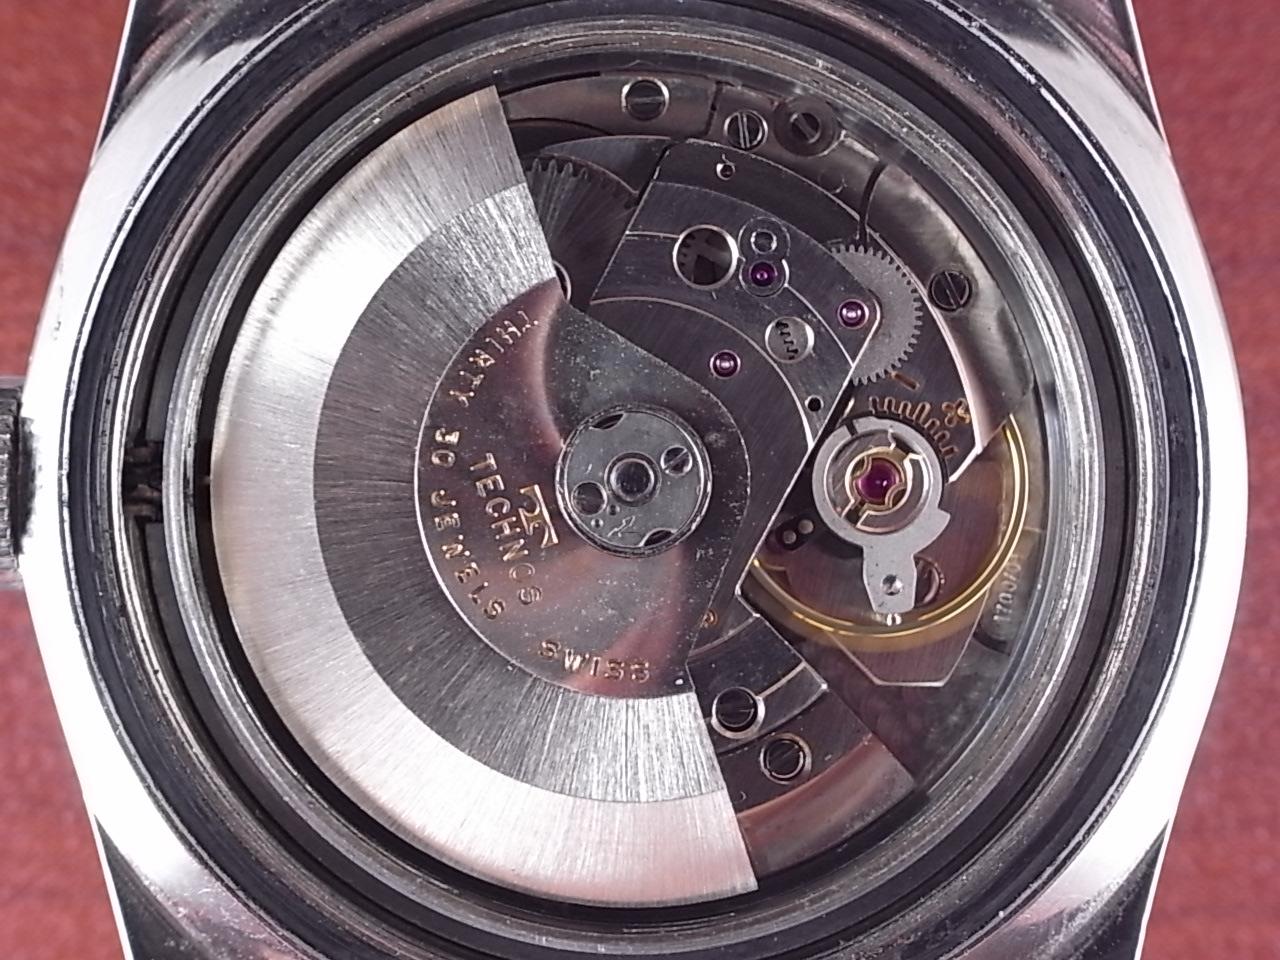 テクノス スカイダイバー 30JEWEL 初期タイプ 1960年代の写真5枚目